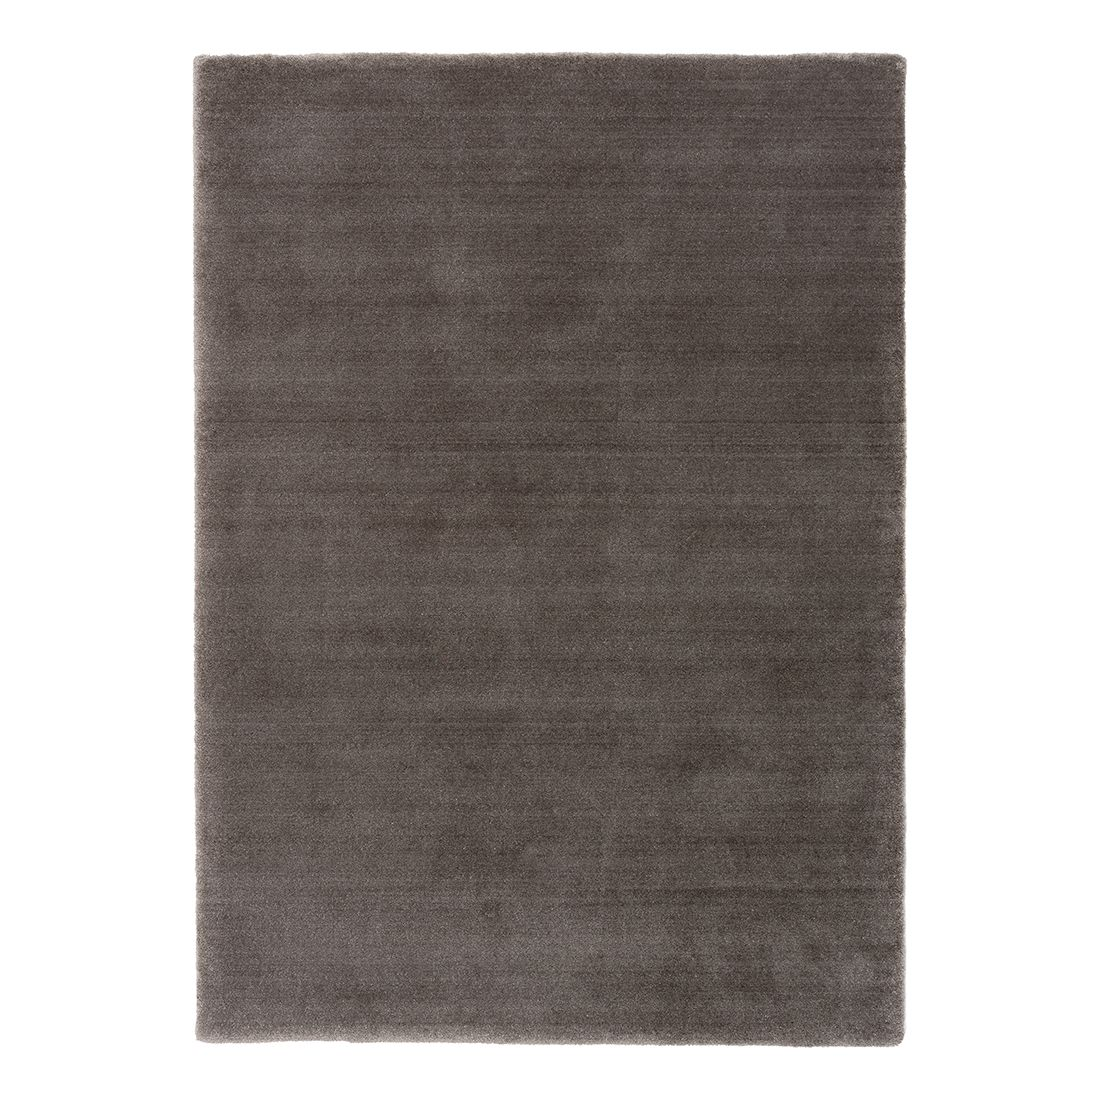 Teppich Montra – Taupe – 170 x 240 cm, Schöner Wohnen Kollektion bestellen